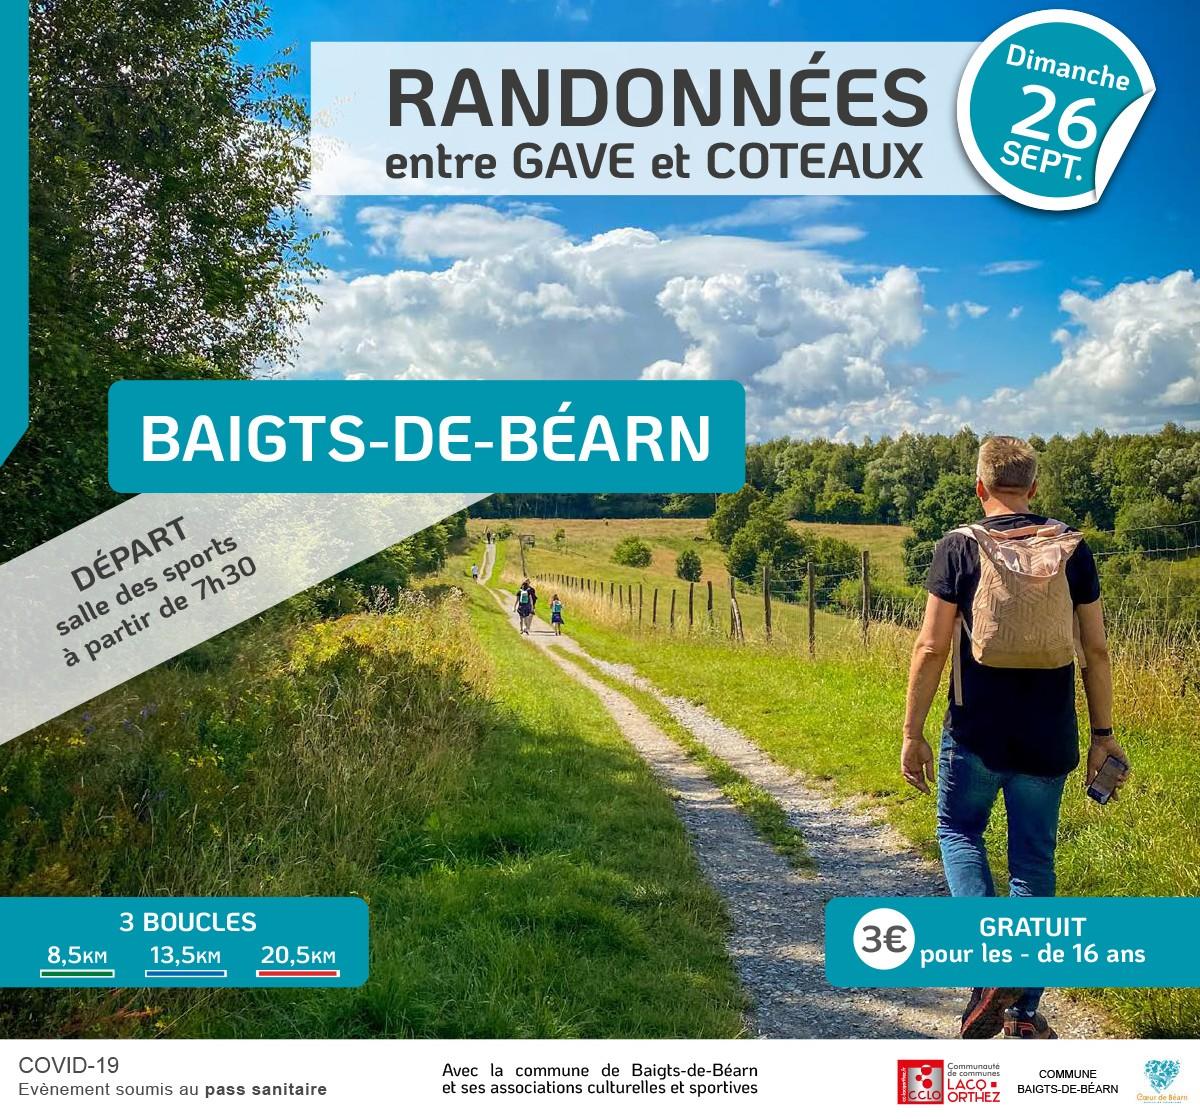 Randonnée entre Gave et Coteaux - BAIGTS-DE-BEARN